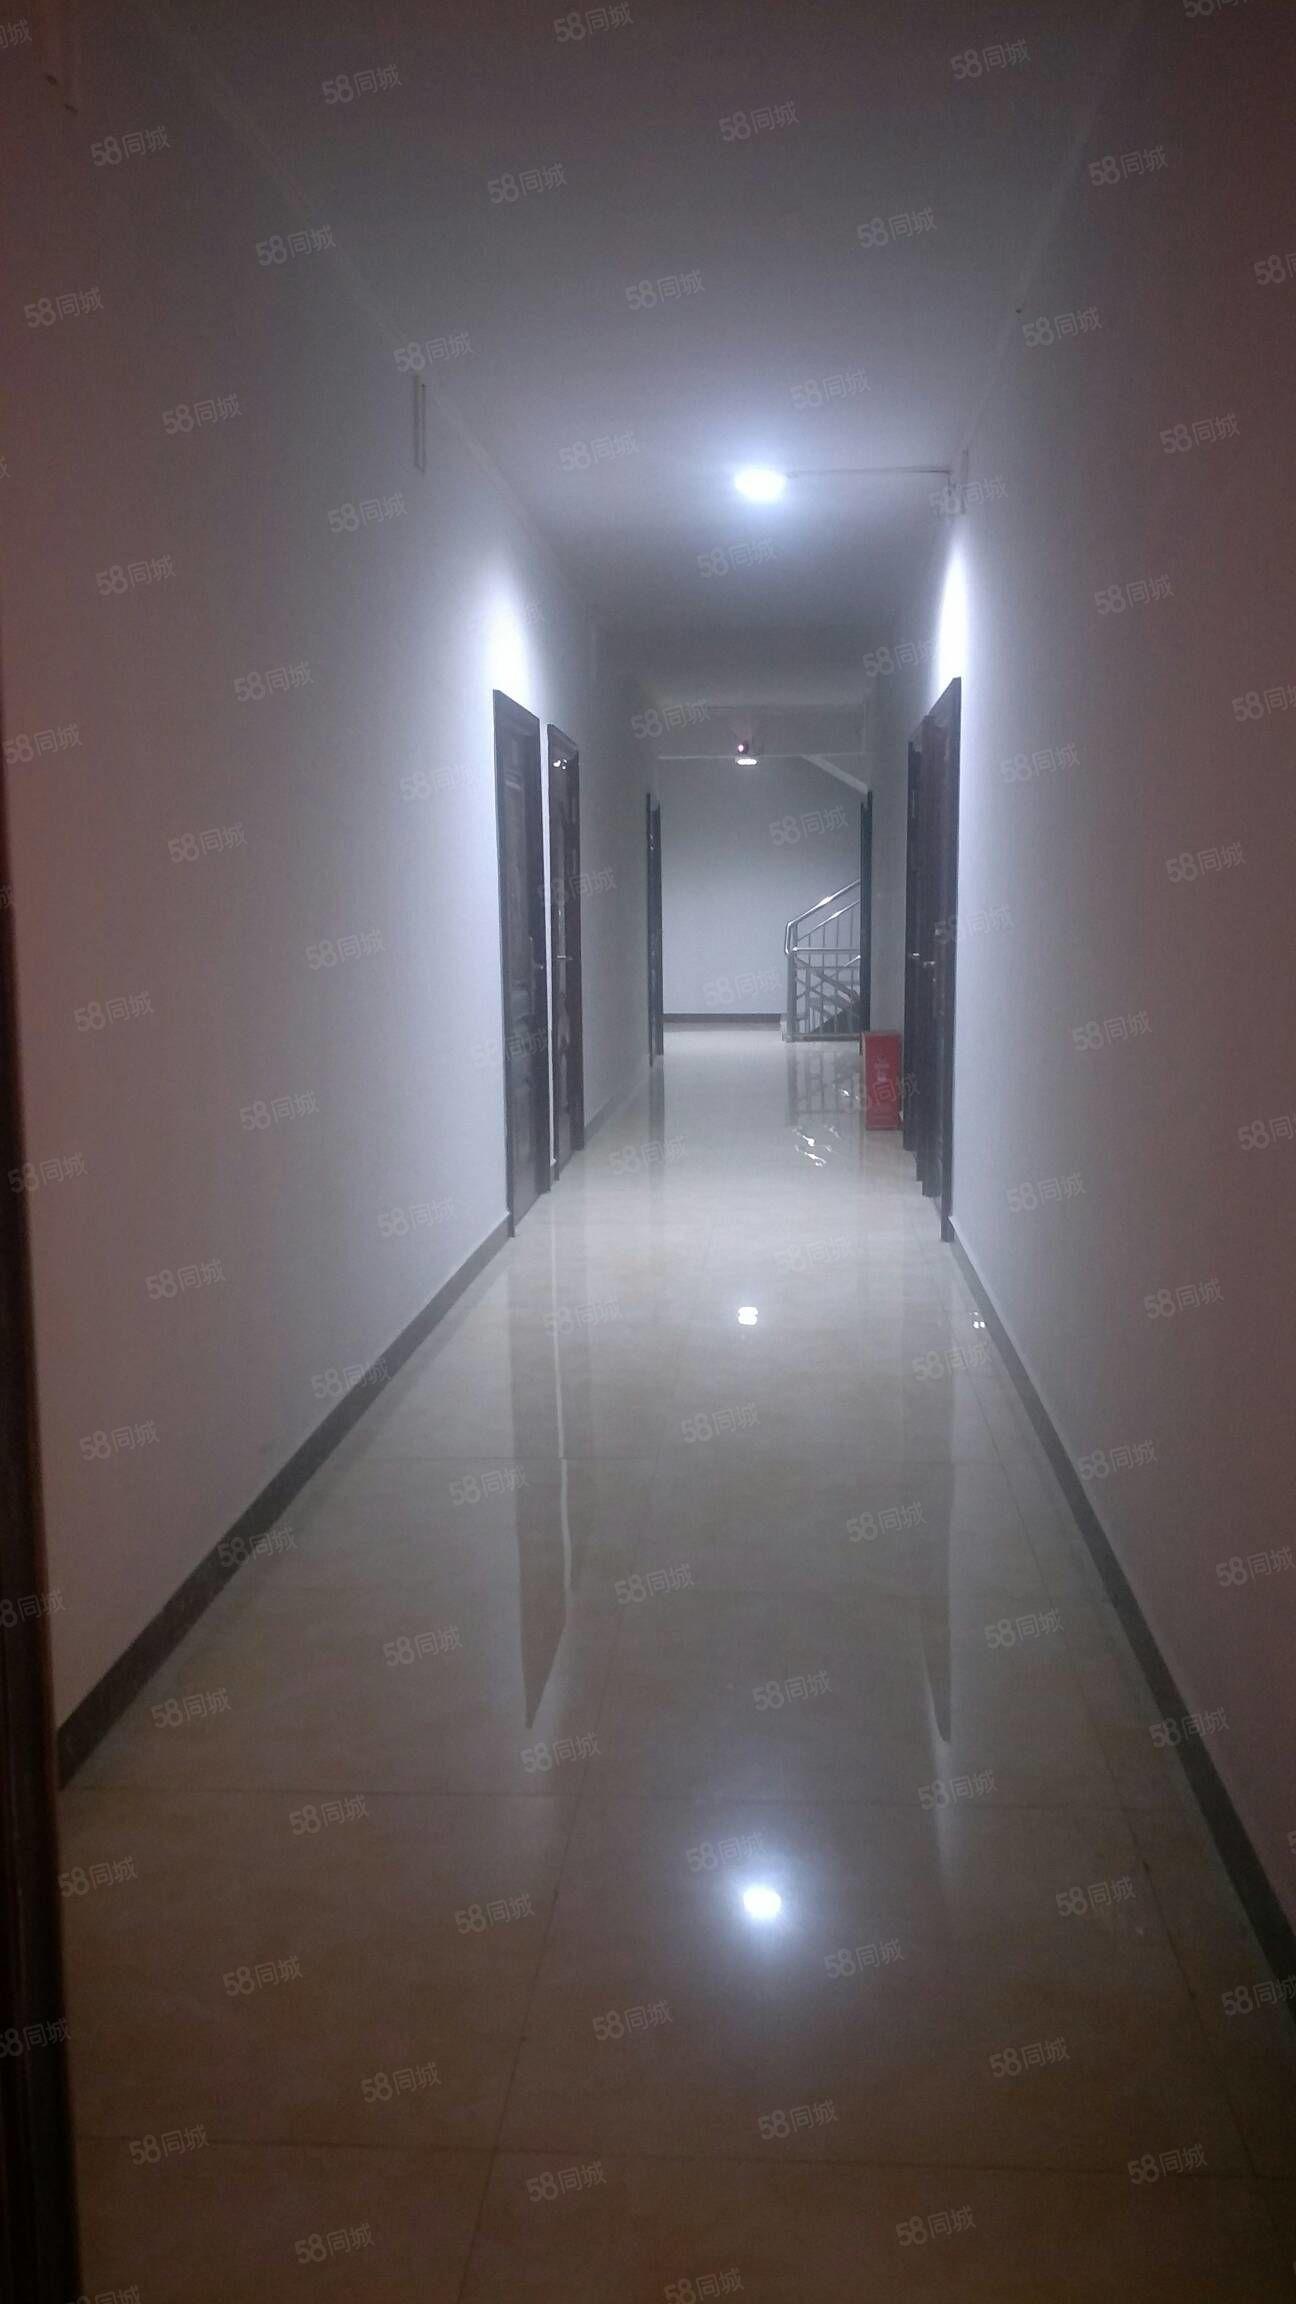 金码头电梯房一室一厨一卫全装修带热水器空调,免费无线网,